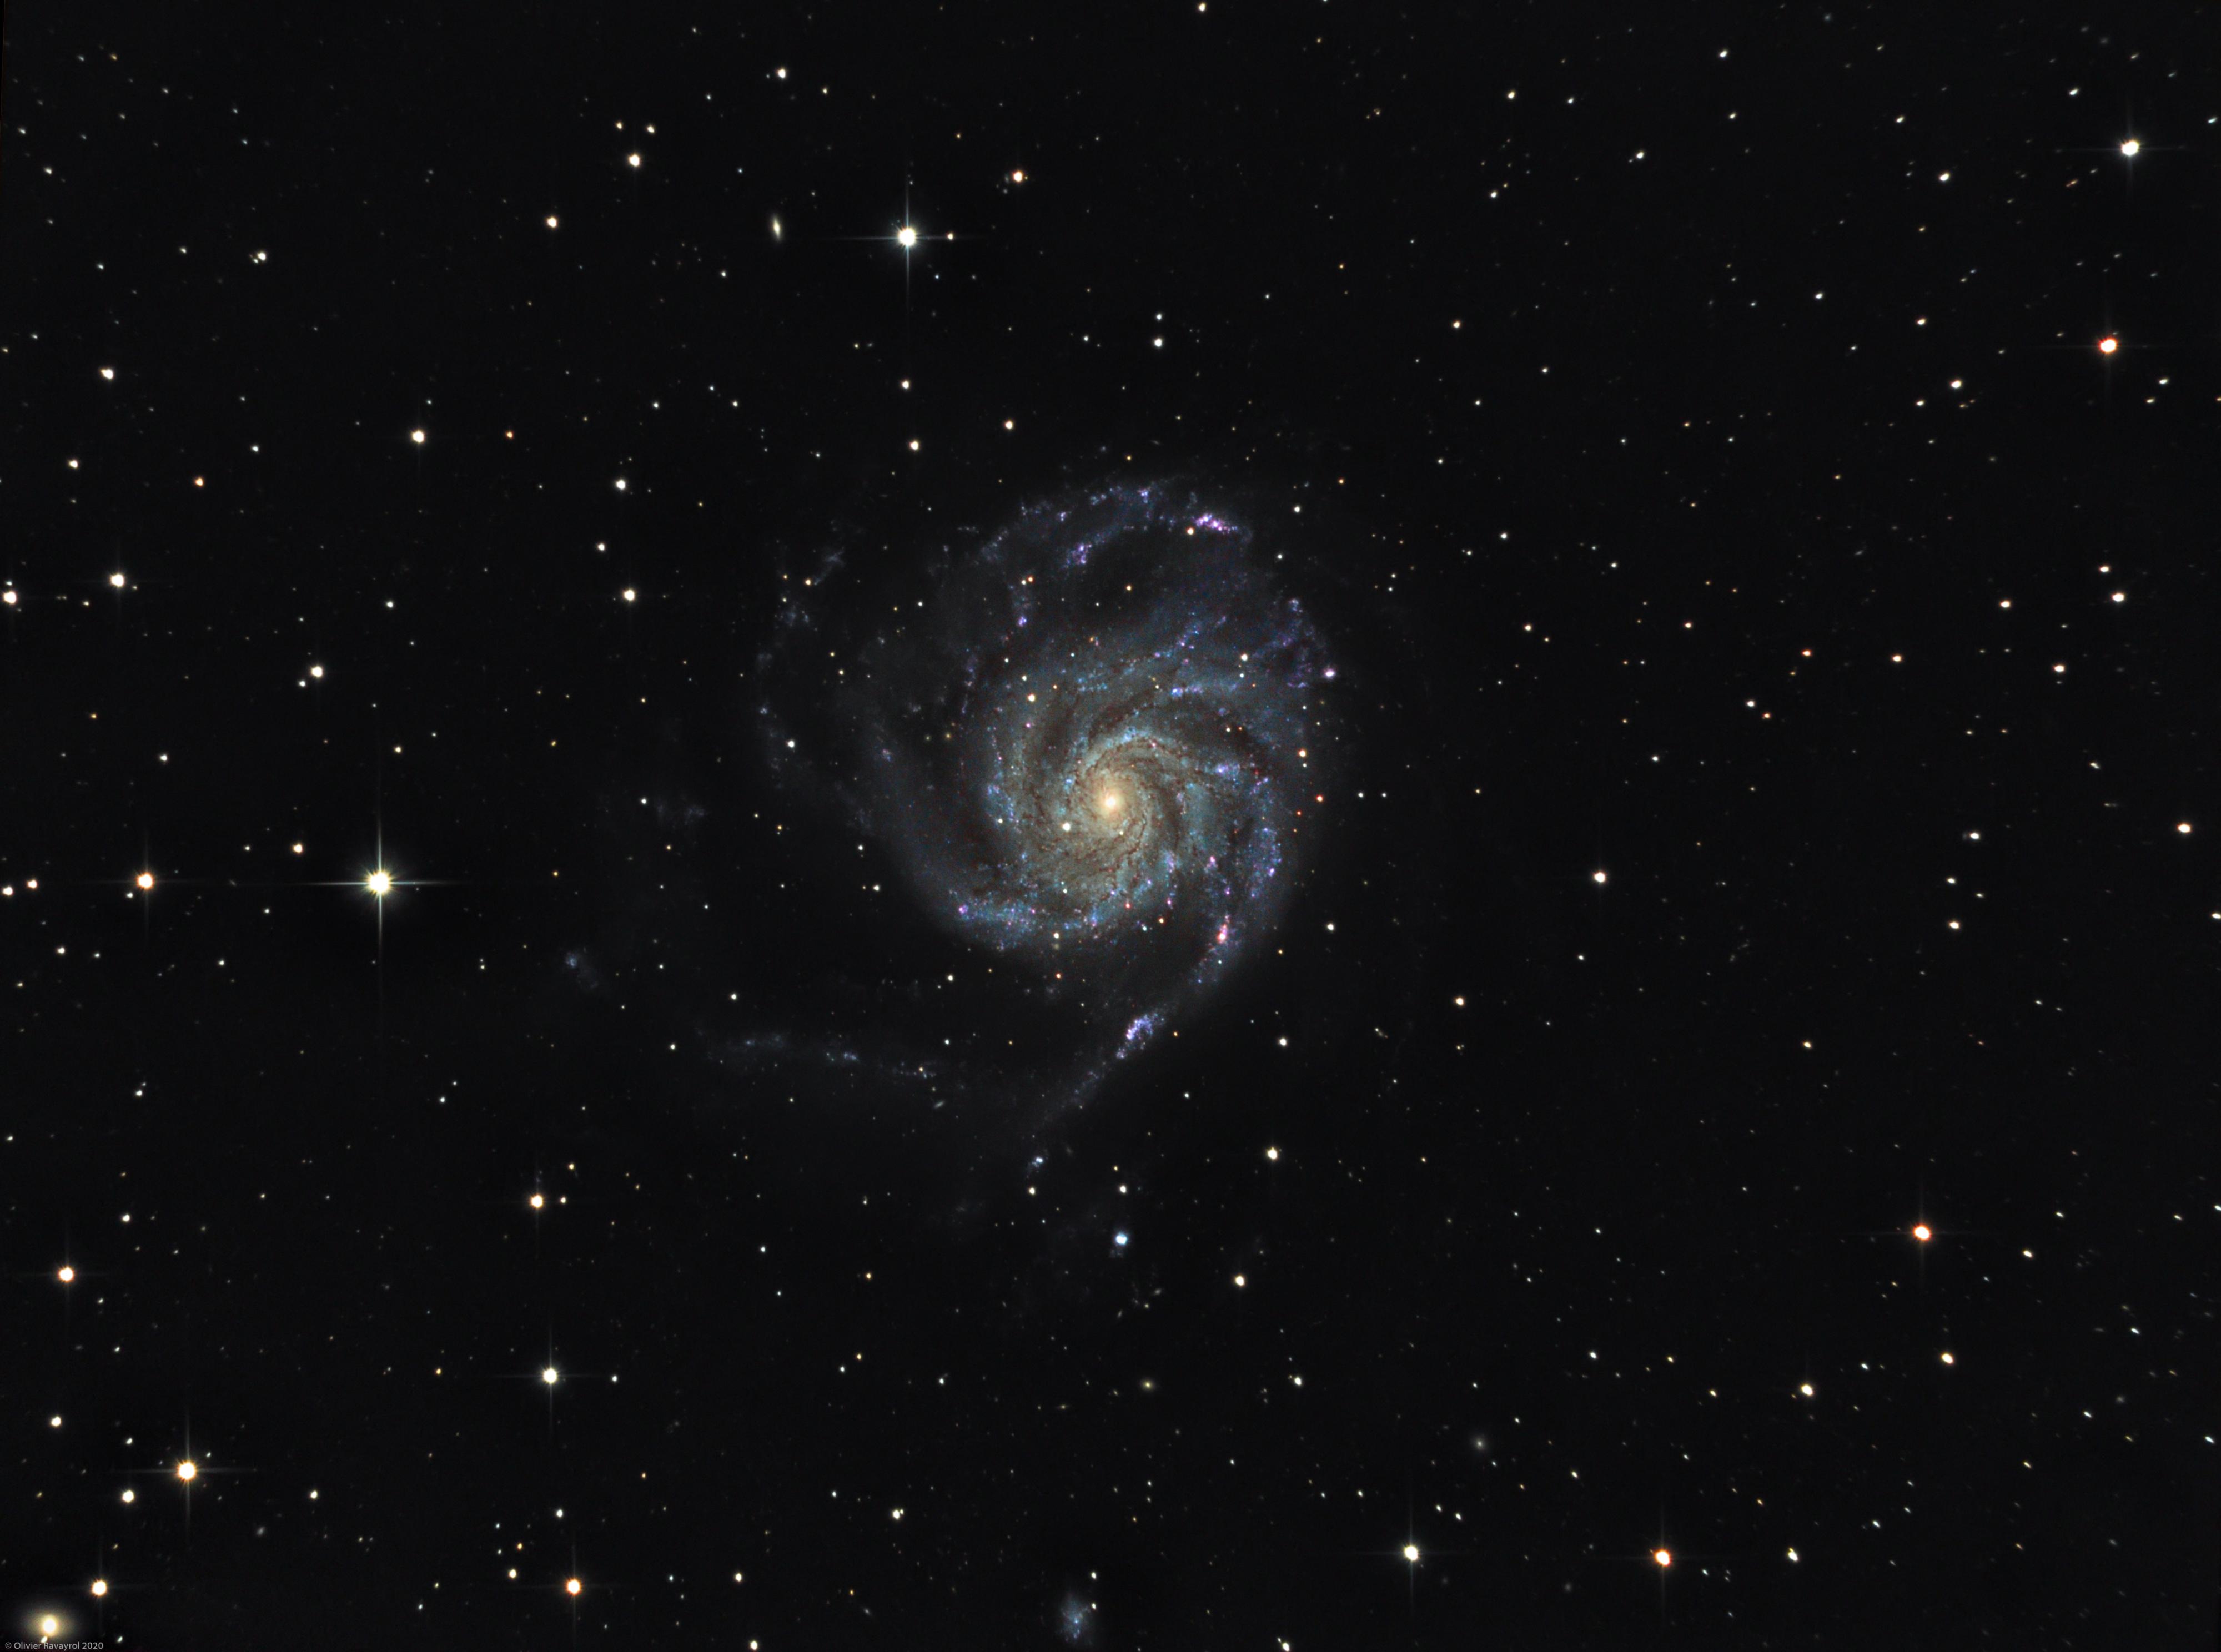 La galaxie du Moulinet (M101)